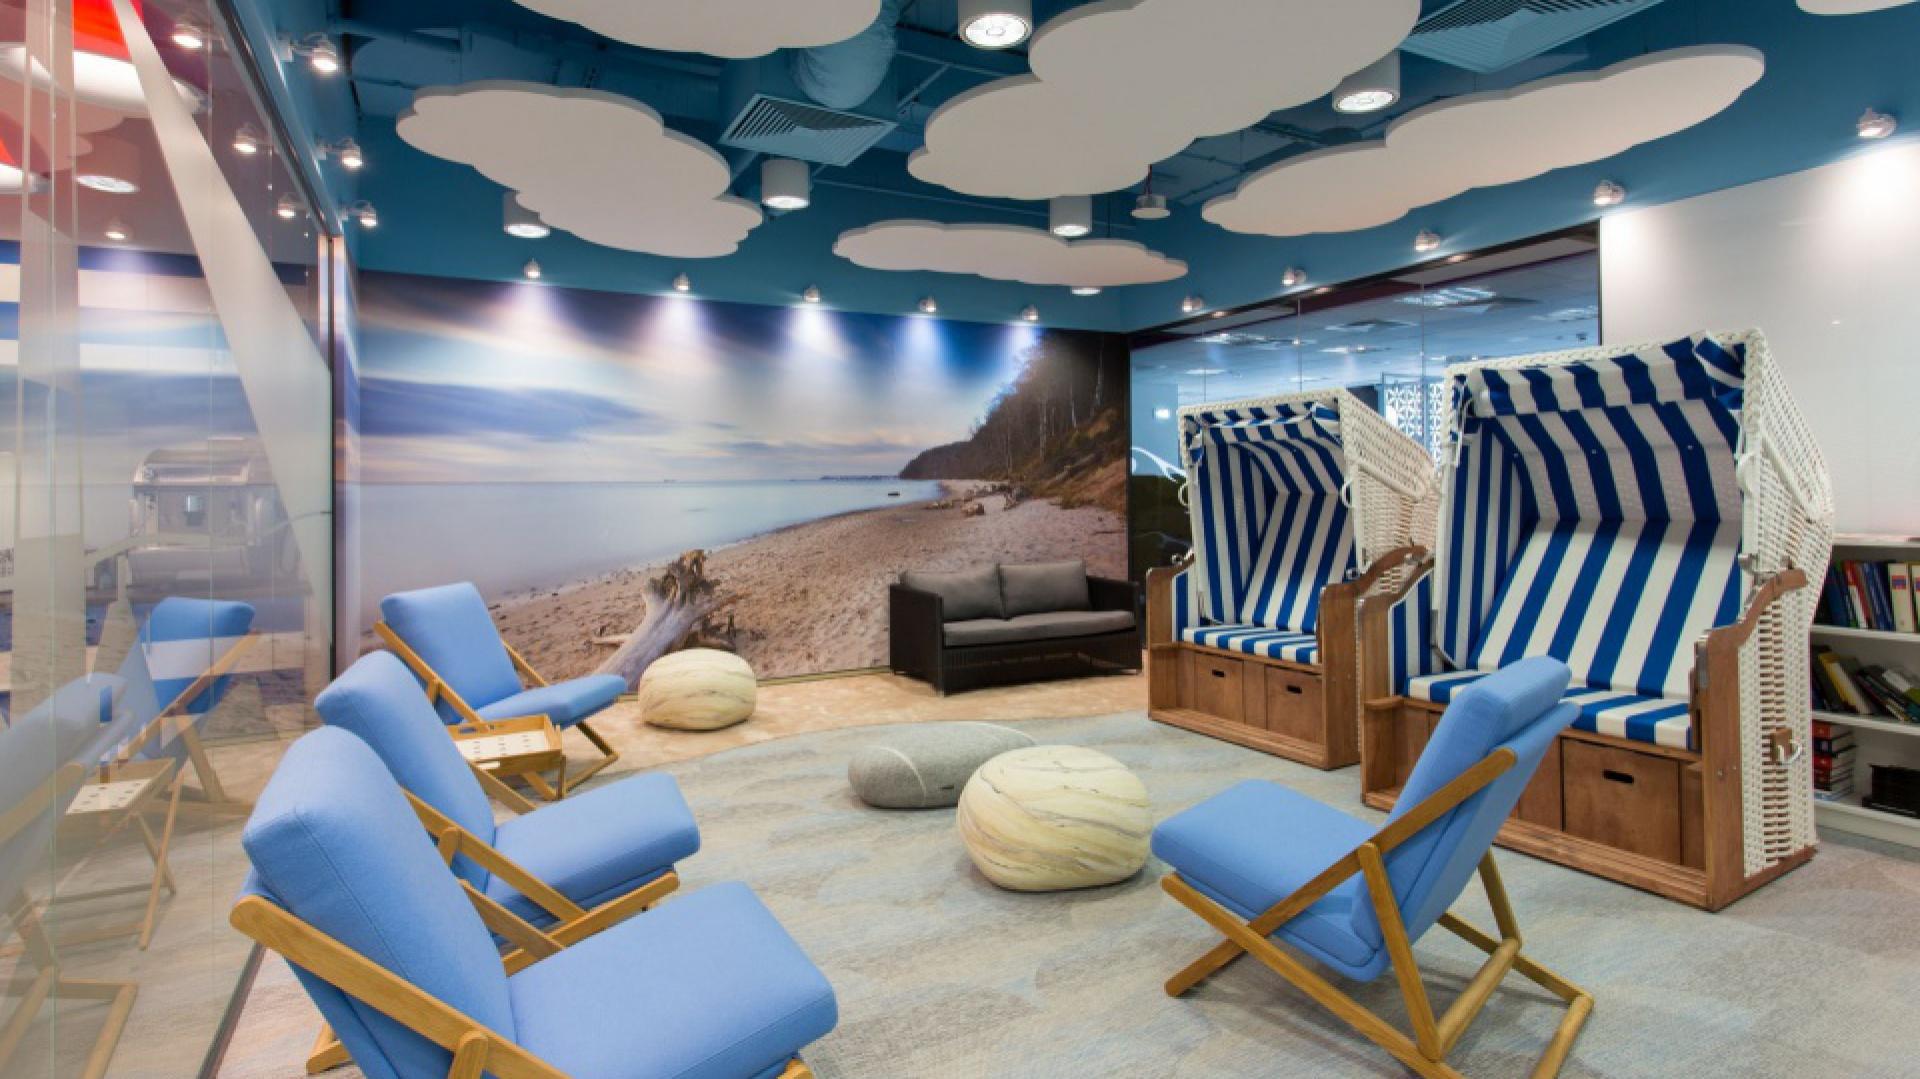 Astra Zeneca Pharma Poland - komfort i funkcjonalność w open space. To projekt Massive Design Fot. udostępnione dzięki uprzejmości Massive Design